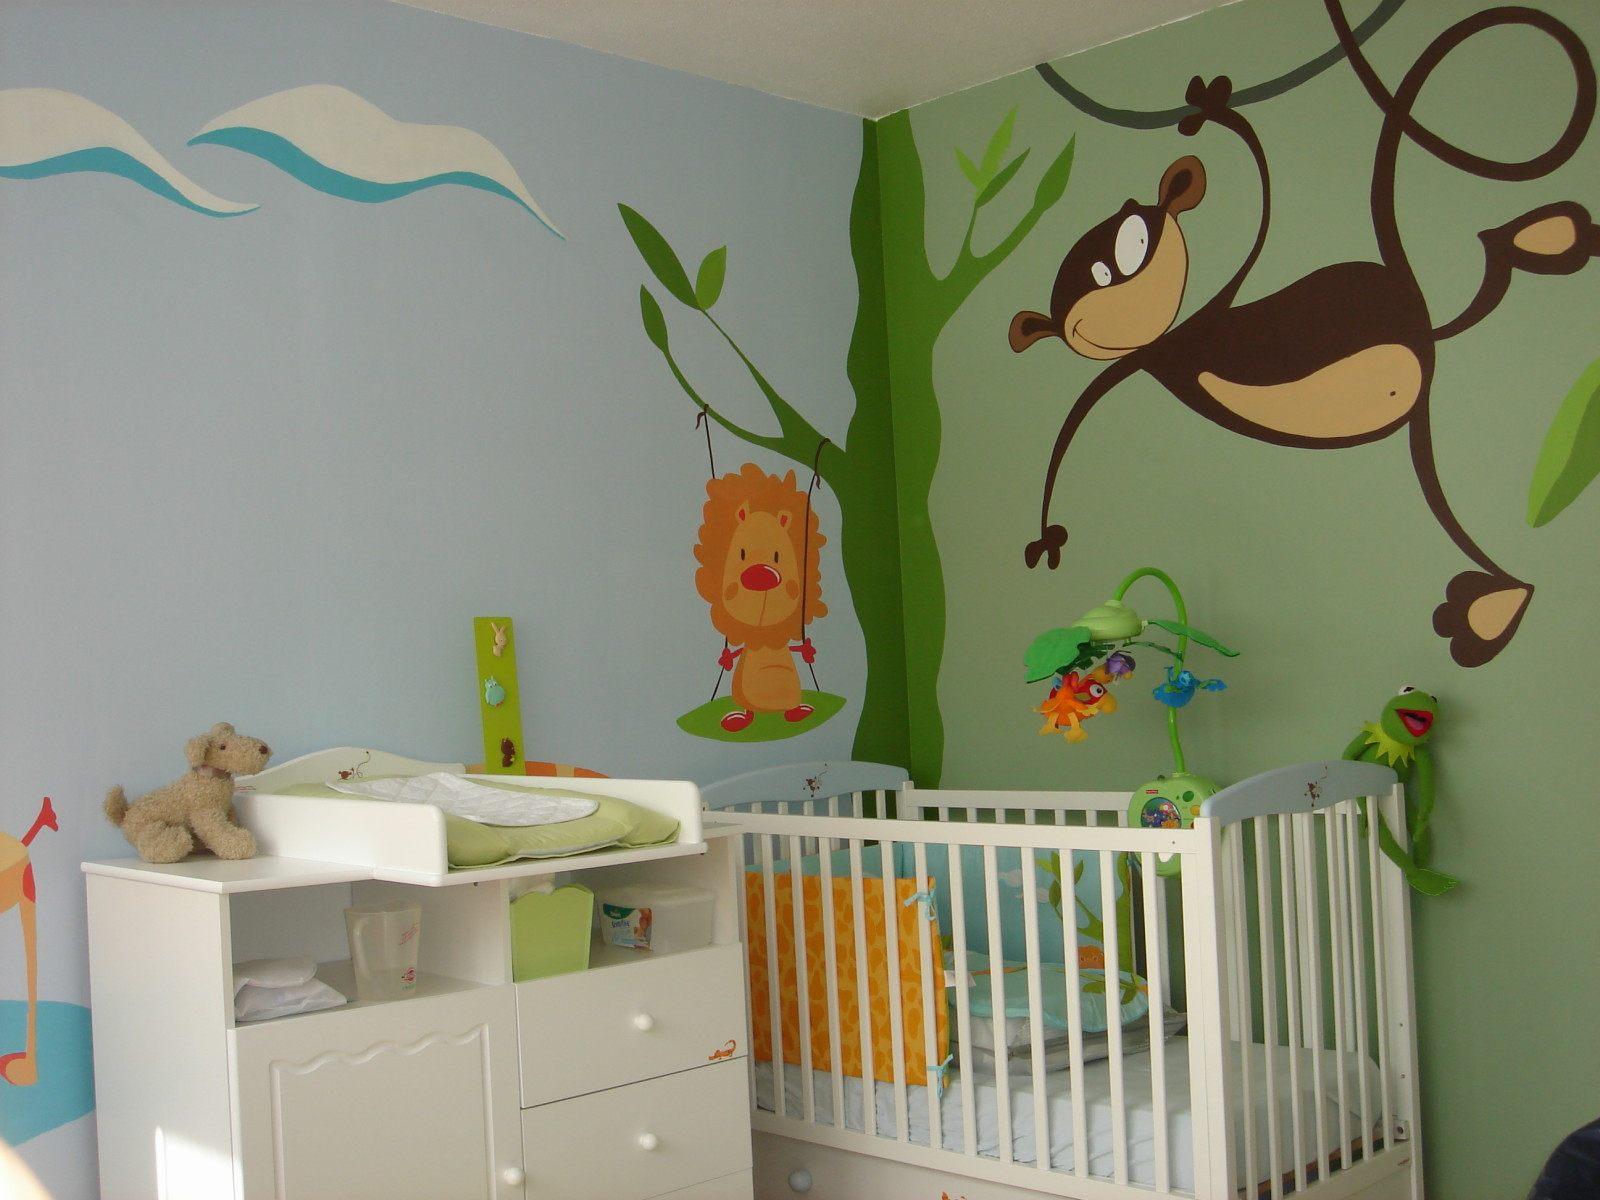 Peinture Lit Bébé Leroy Merlin Luxe Applique Murale Chambre Bébé Lustre Chambre Bébé Fille élégant Parc